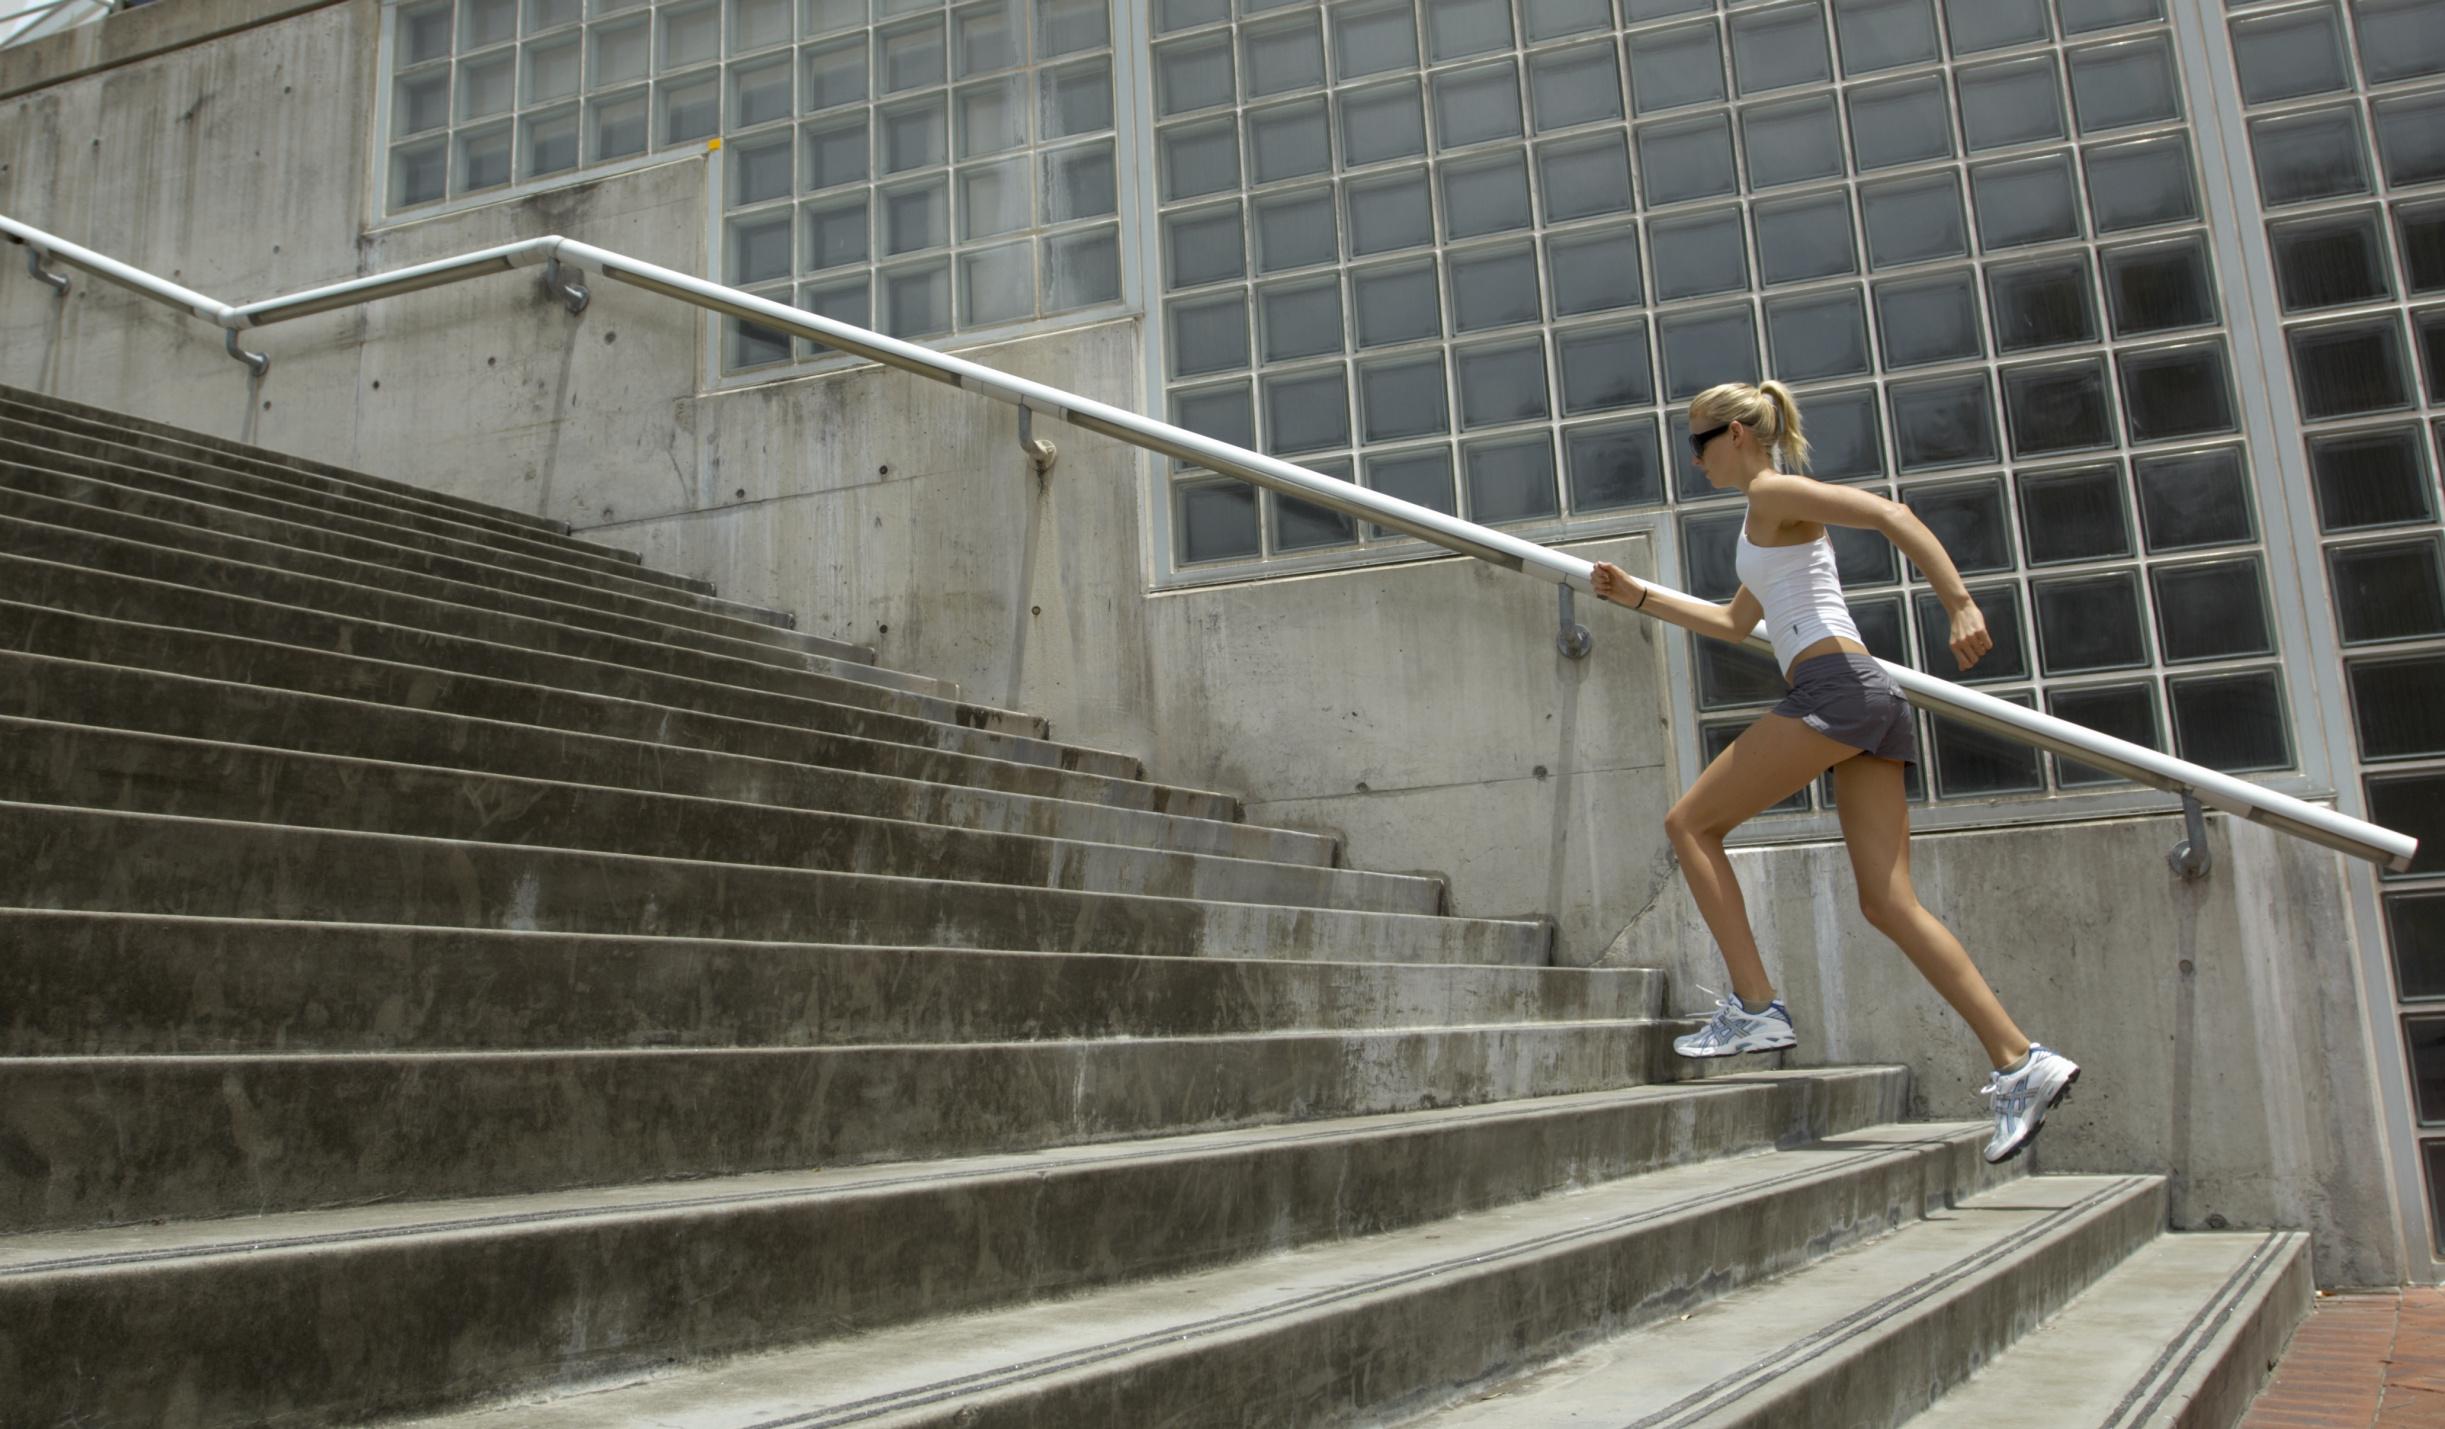 Hacer cuestas y escaleras es elemental para correr mejor.